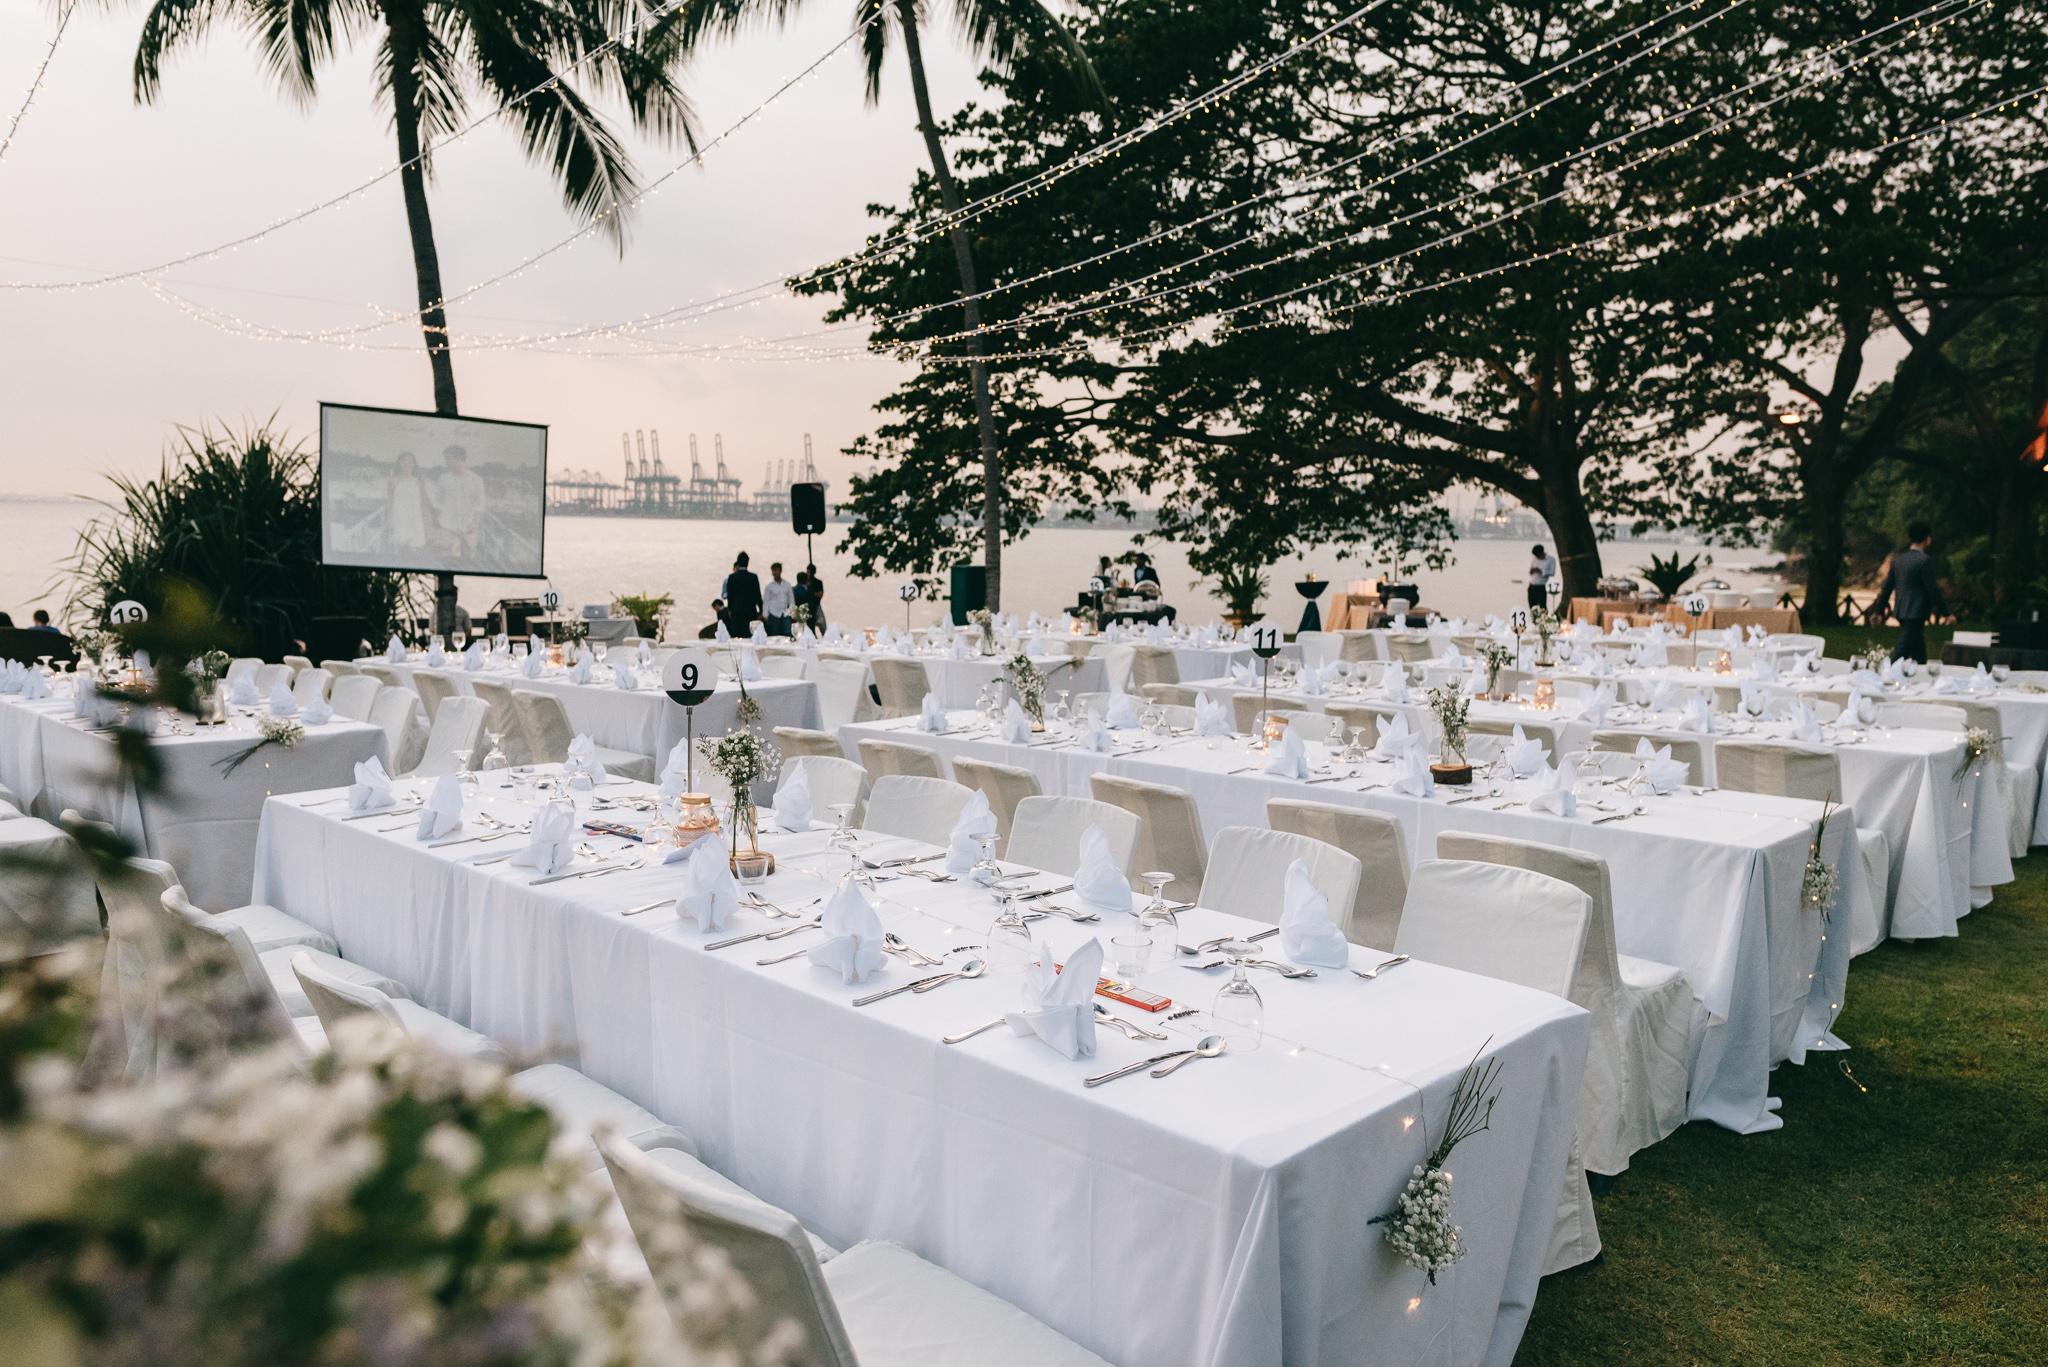 Lionel & Karen Wedding Day Highlights (resized for sharing) - 148.jpg